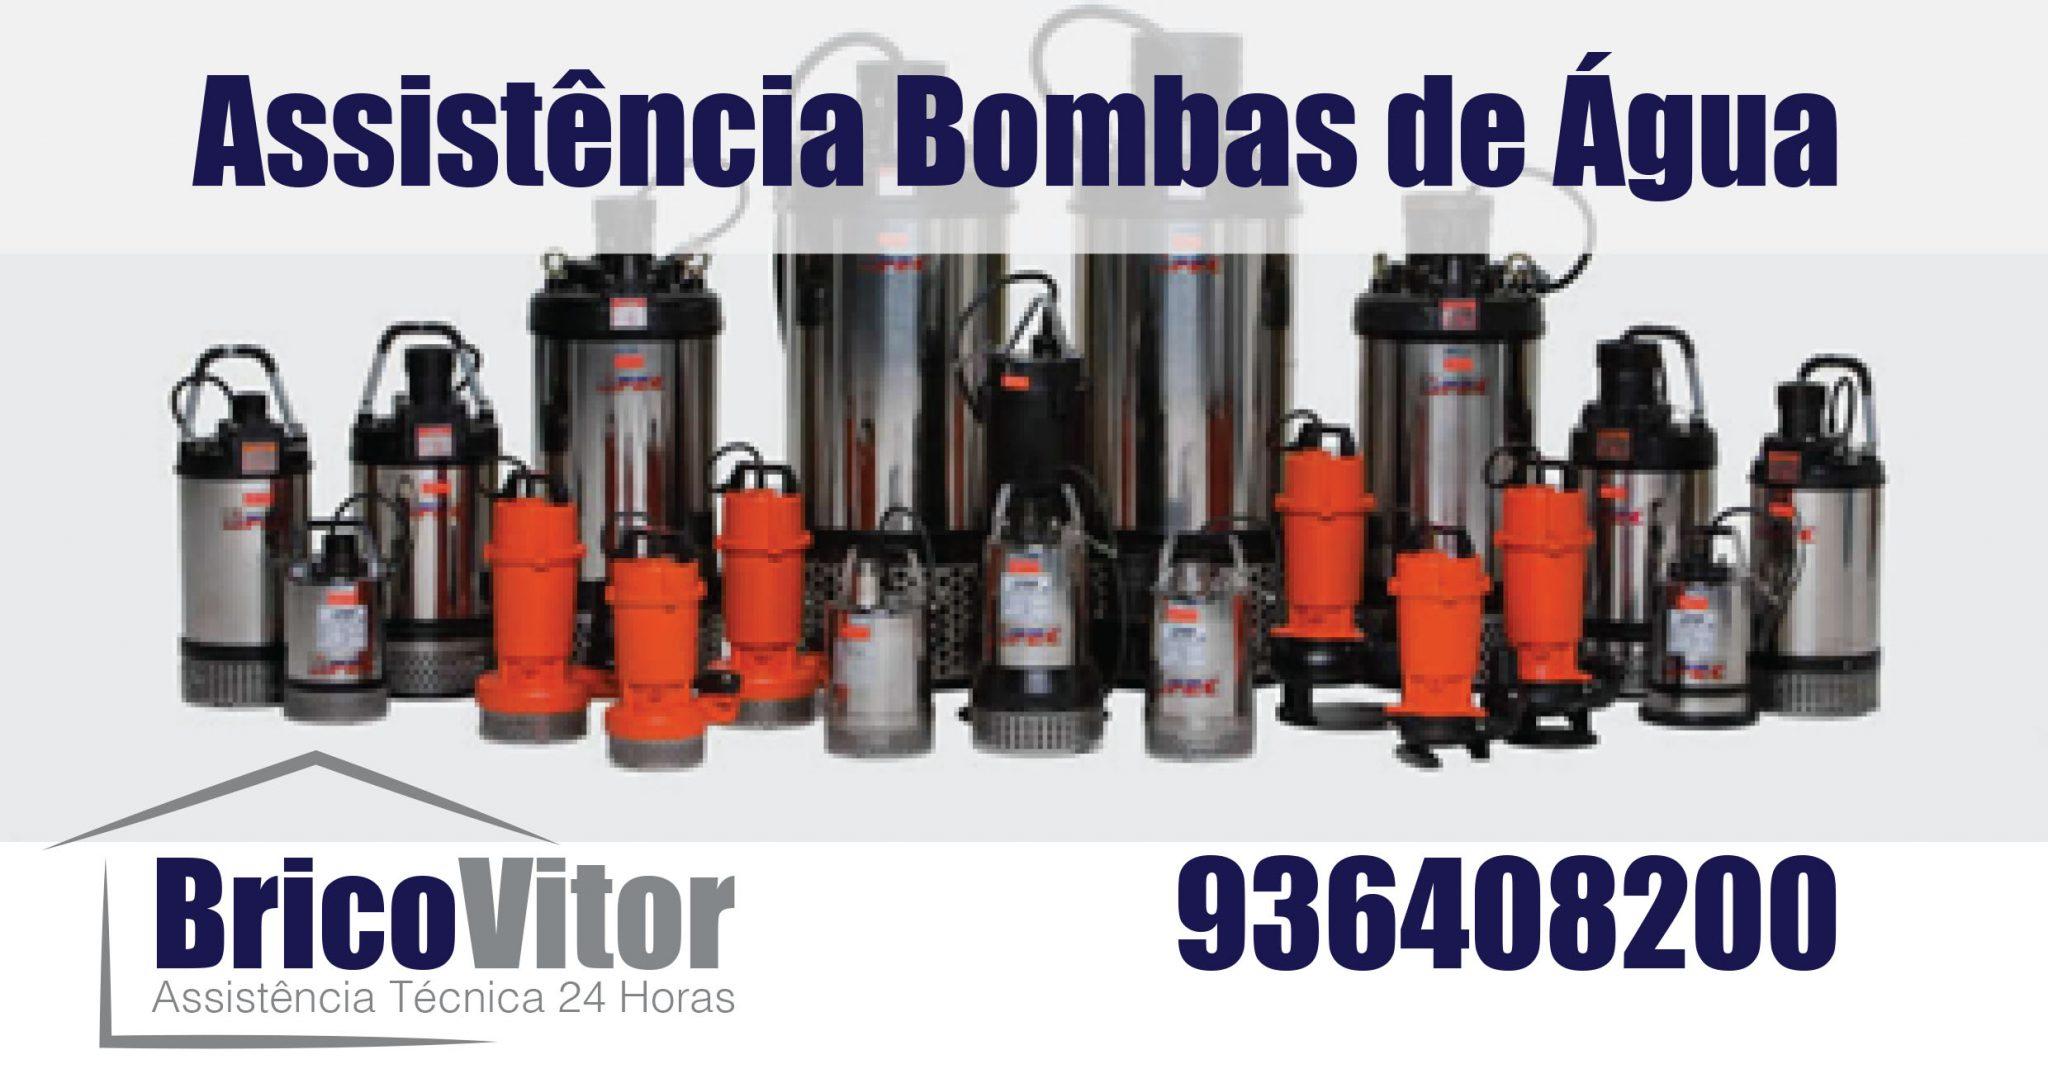 Reparação Bombas de Água Penafiel,